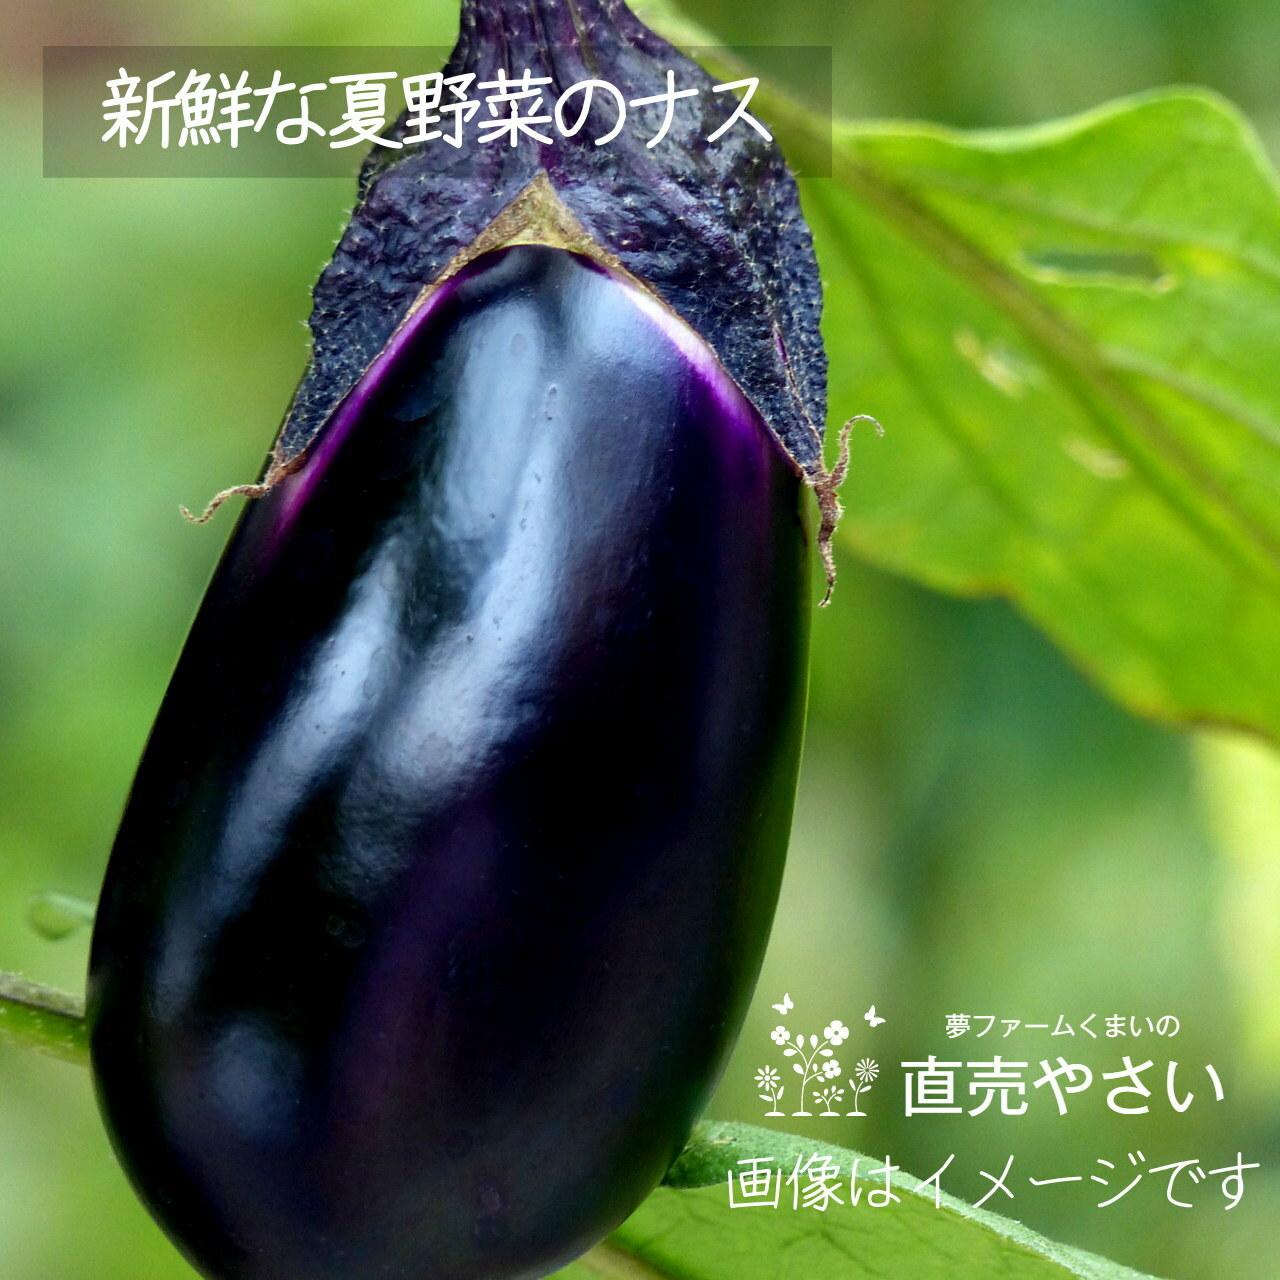 8月の朝採り直売野菜 : ナス 約350g 8月の新鮮な夏野菜 8月24日発送予定